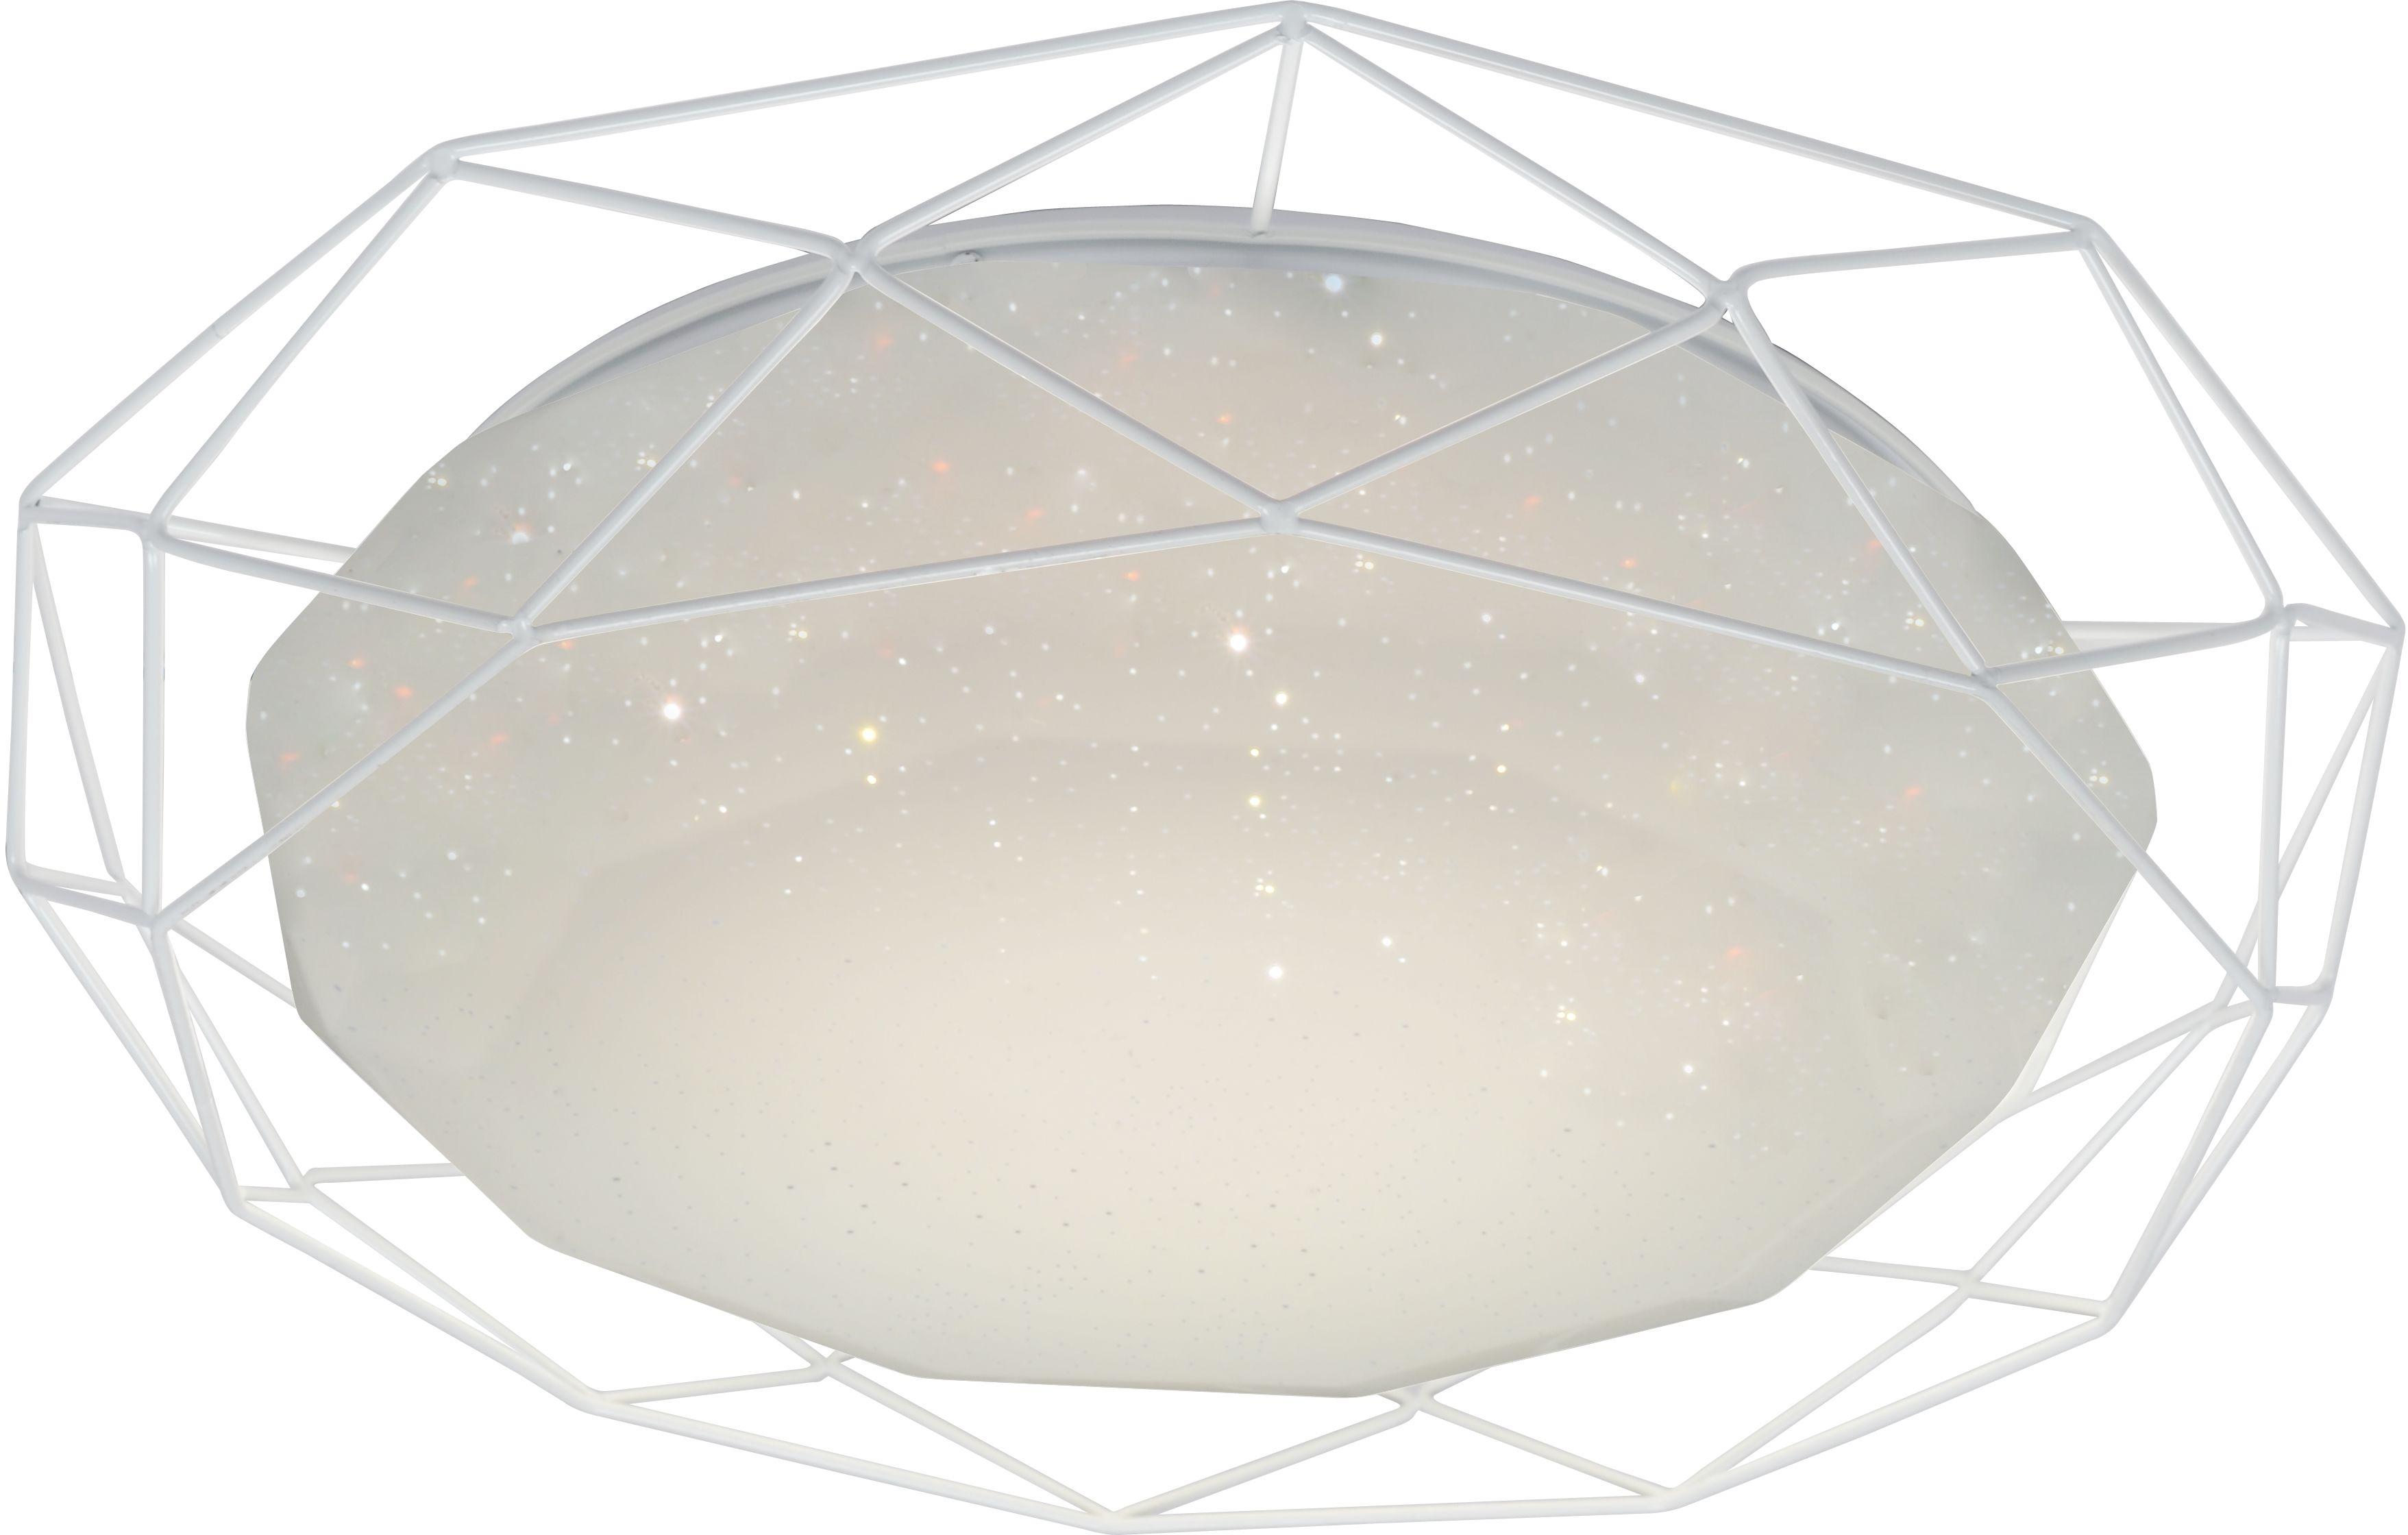 Candellux SVEN 98-66251 plafon lampa sufitowa akrylowy klosz biały 24W LED 3000K 43cm